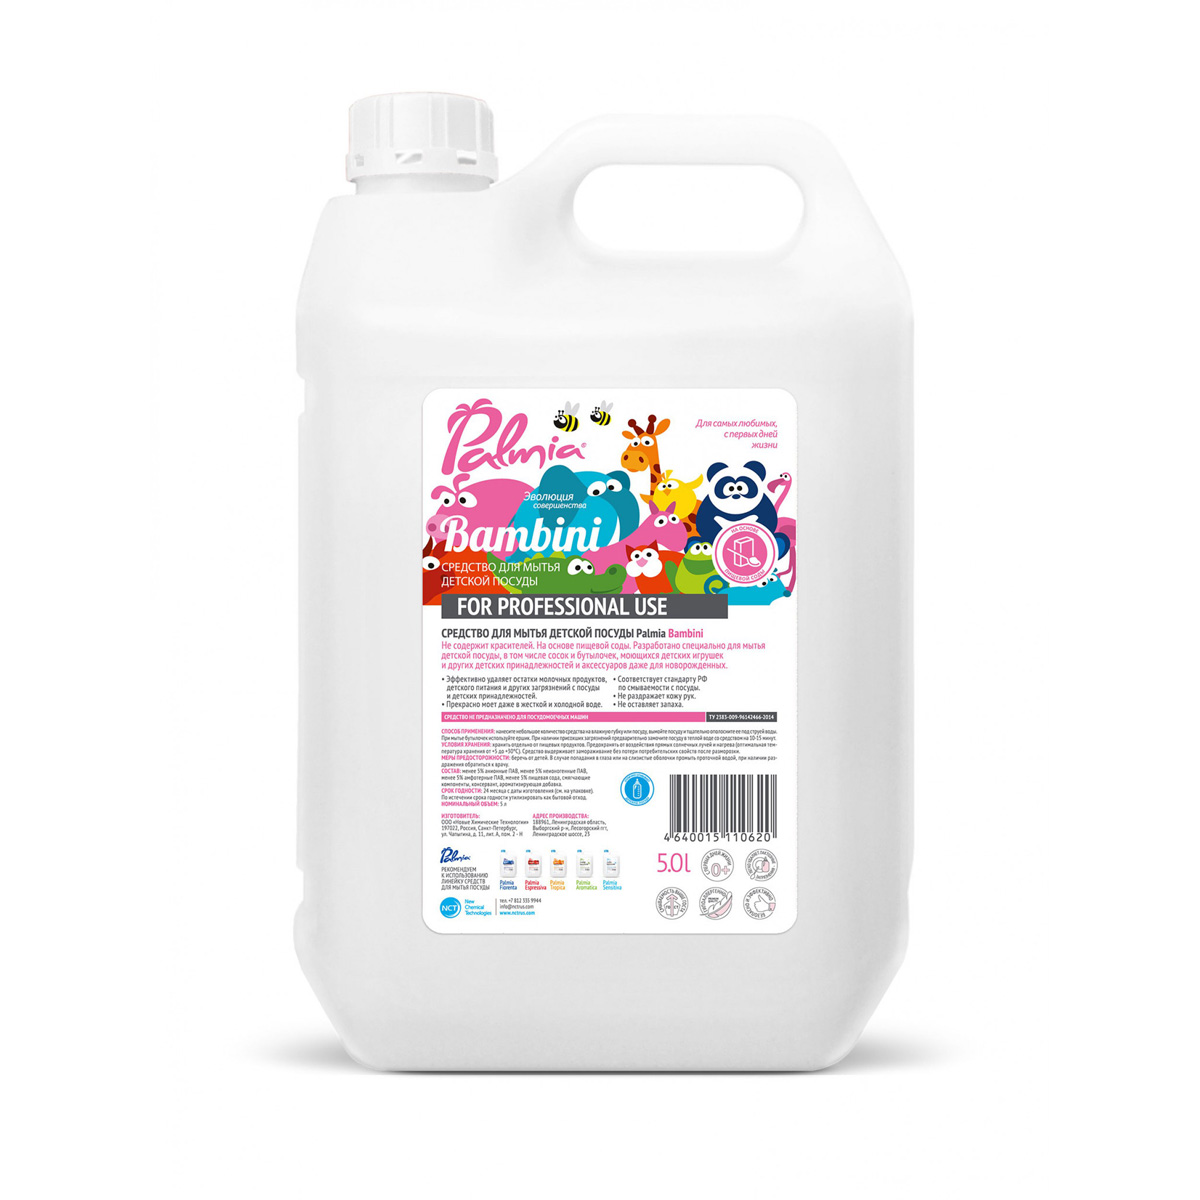 Гель для мытья детской посуды Palmia Bambini, 5 л4640015110620Palmia Bambini – гипоалегенное средство для мытья детской посуды, сосок, игрушек, других моющихся детских аксессуаров, который можно использовать с первых дней жизни малыша. Формула разработана специально для устранения специфики загрязнений детской посуды. Гель действенно справляется с остатками лактозы и детского питания. Полностью смывается с посуды.